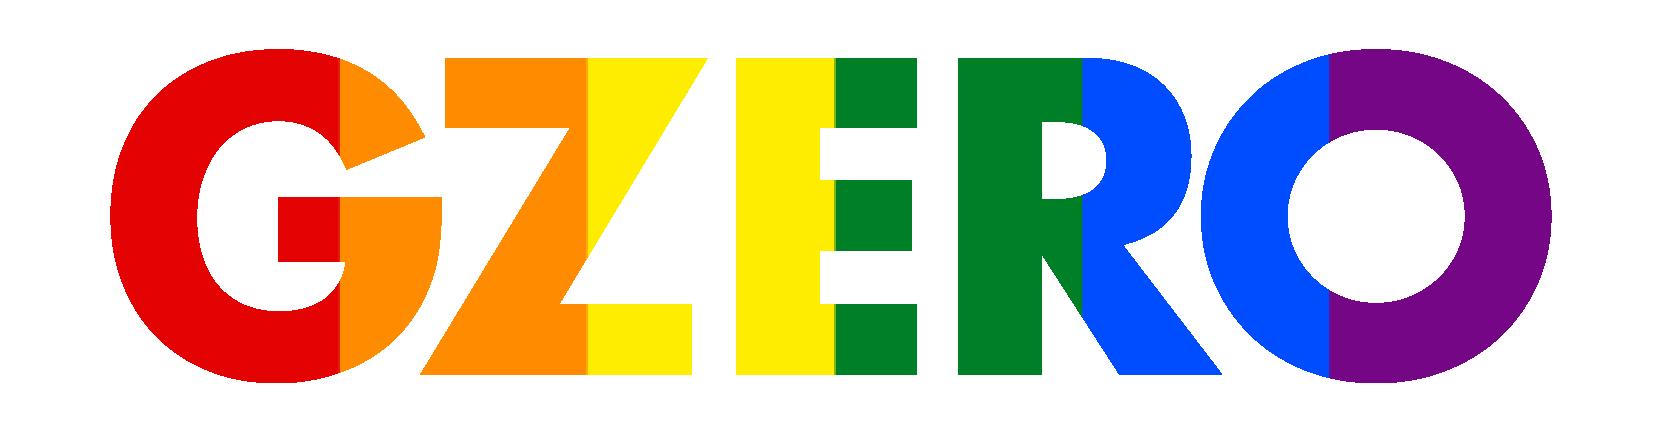 GZERO